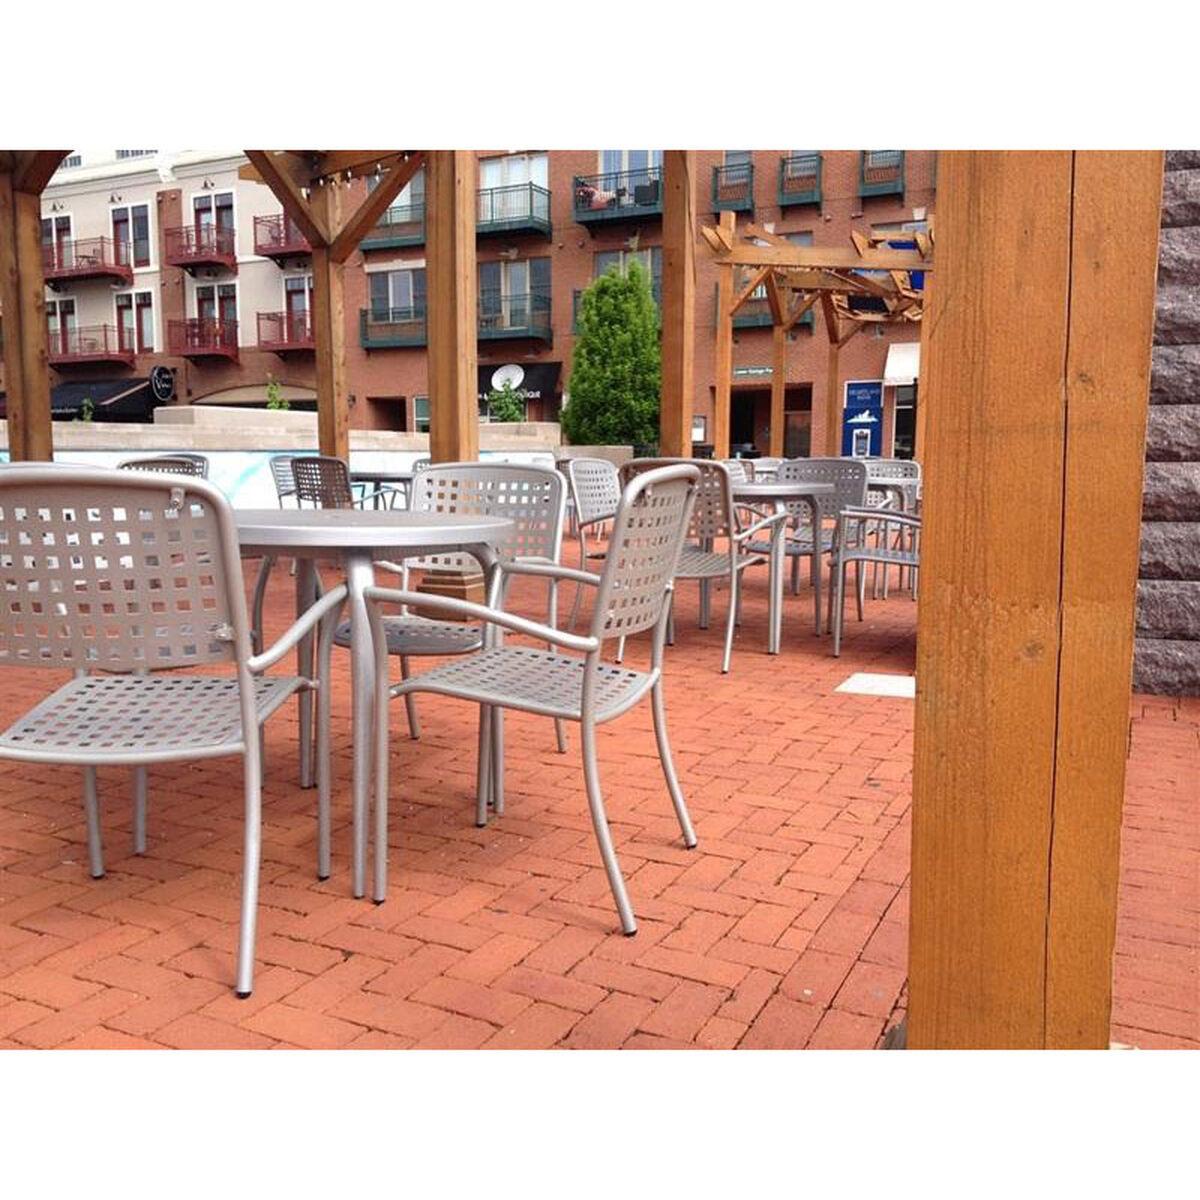 Hanna Outdoor Dining Table HAIP Bizchaircom - 36 round outdoor dining table